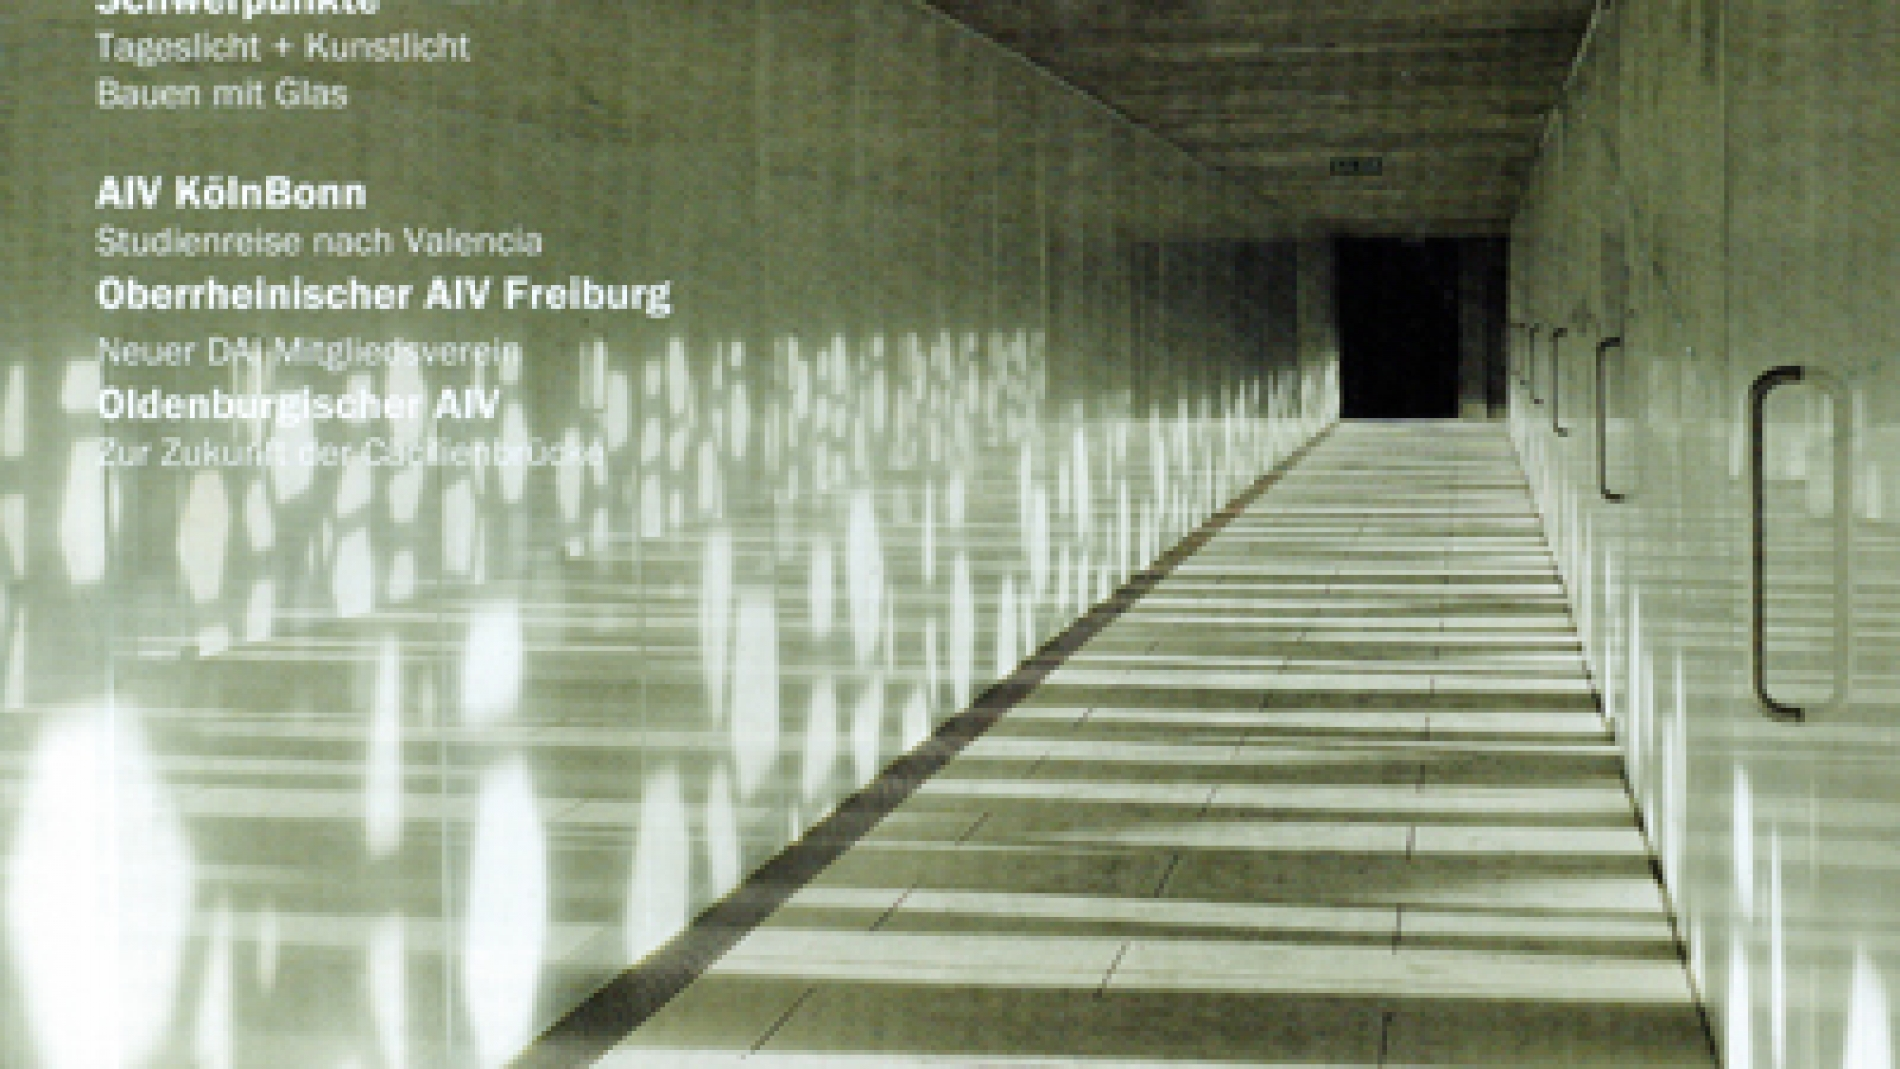 Baukultur_2014_02